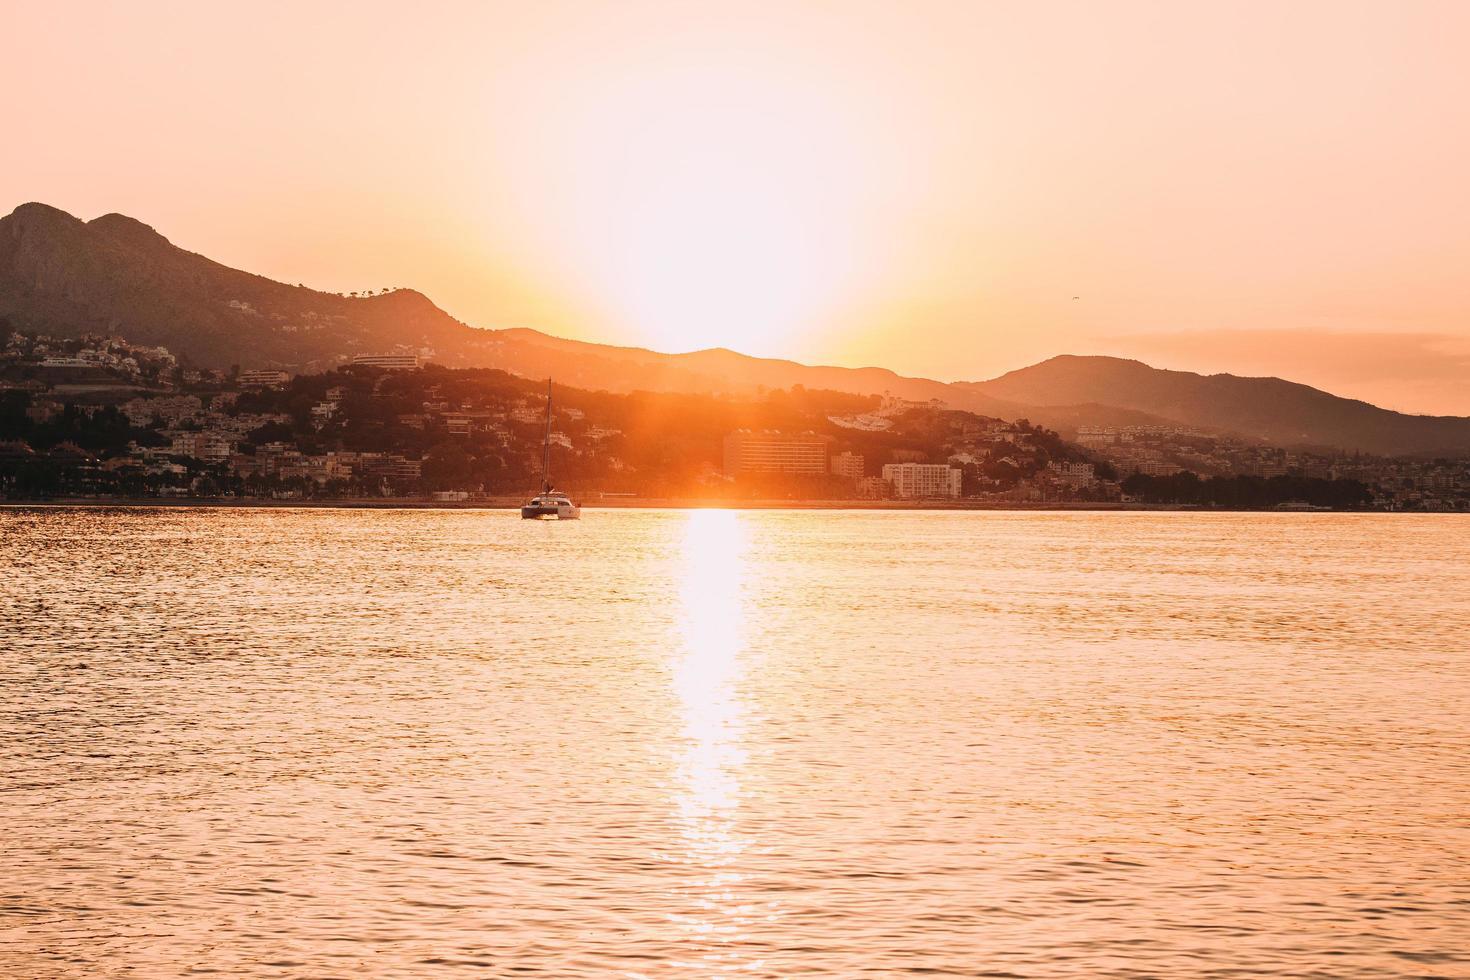 sagoma della barca sul mare durante il tramonto foto